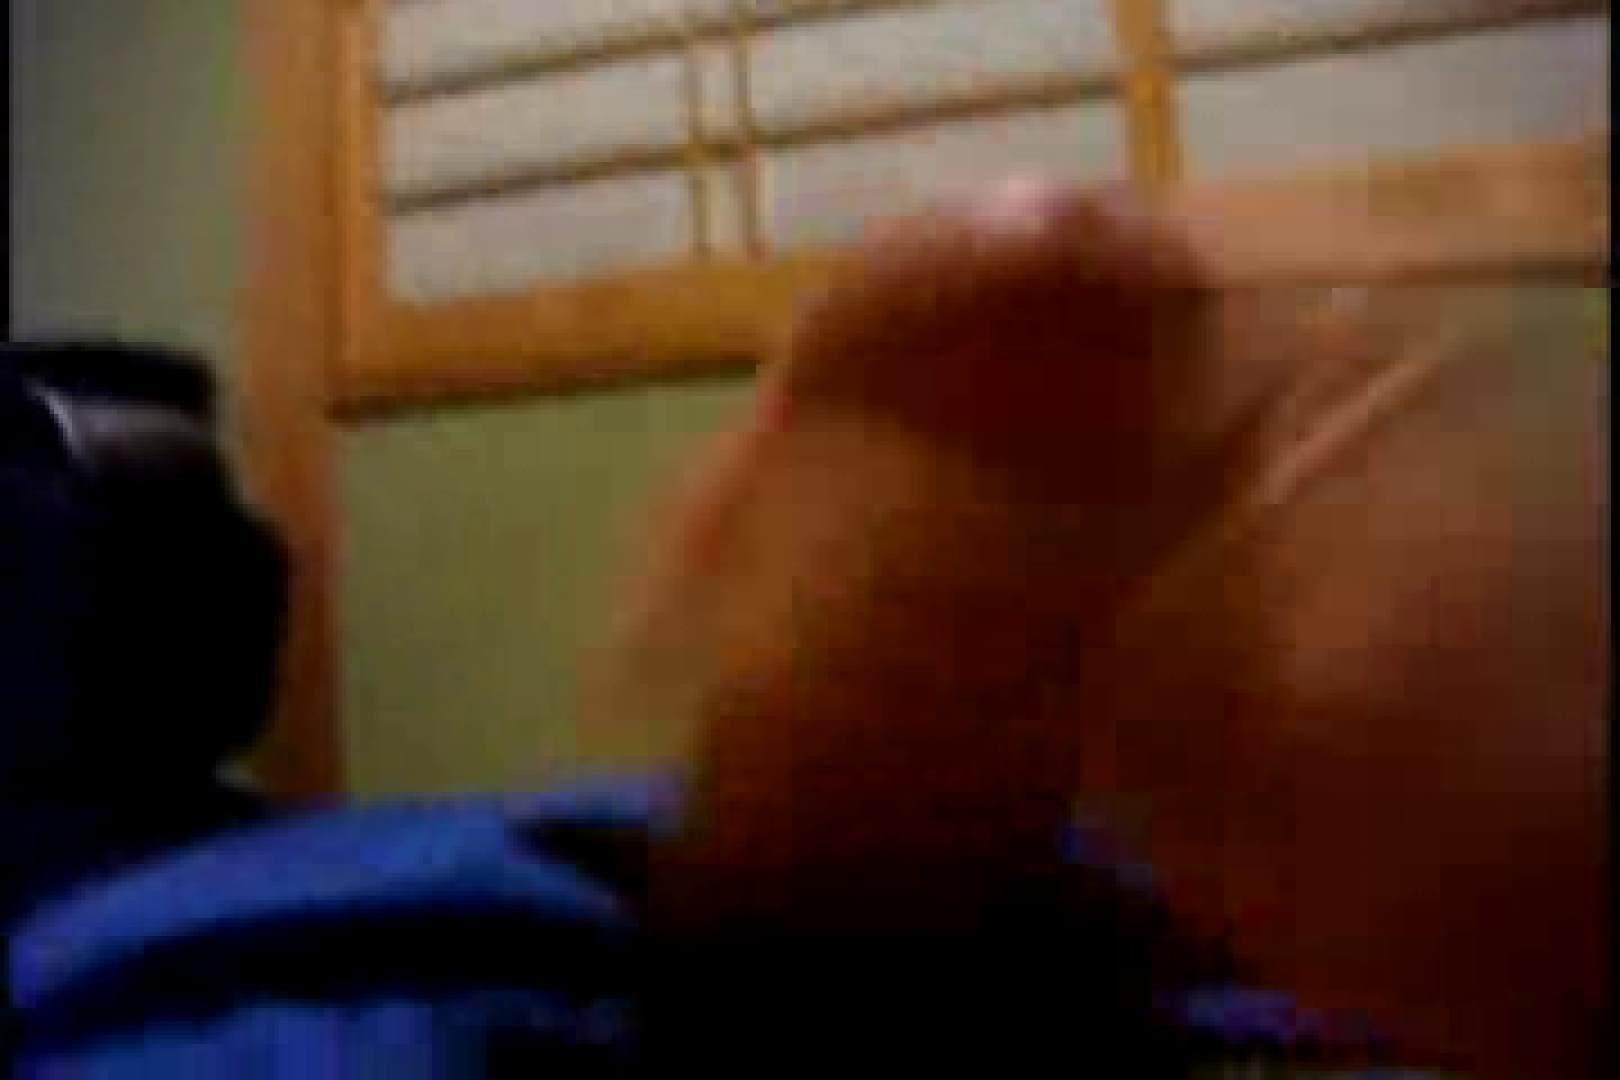 オナ好きノンケテニス部員の自画撮り投稿vol.02 射精 GAY無修正エロ動画 76枚 60